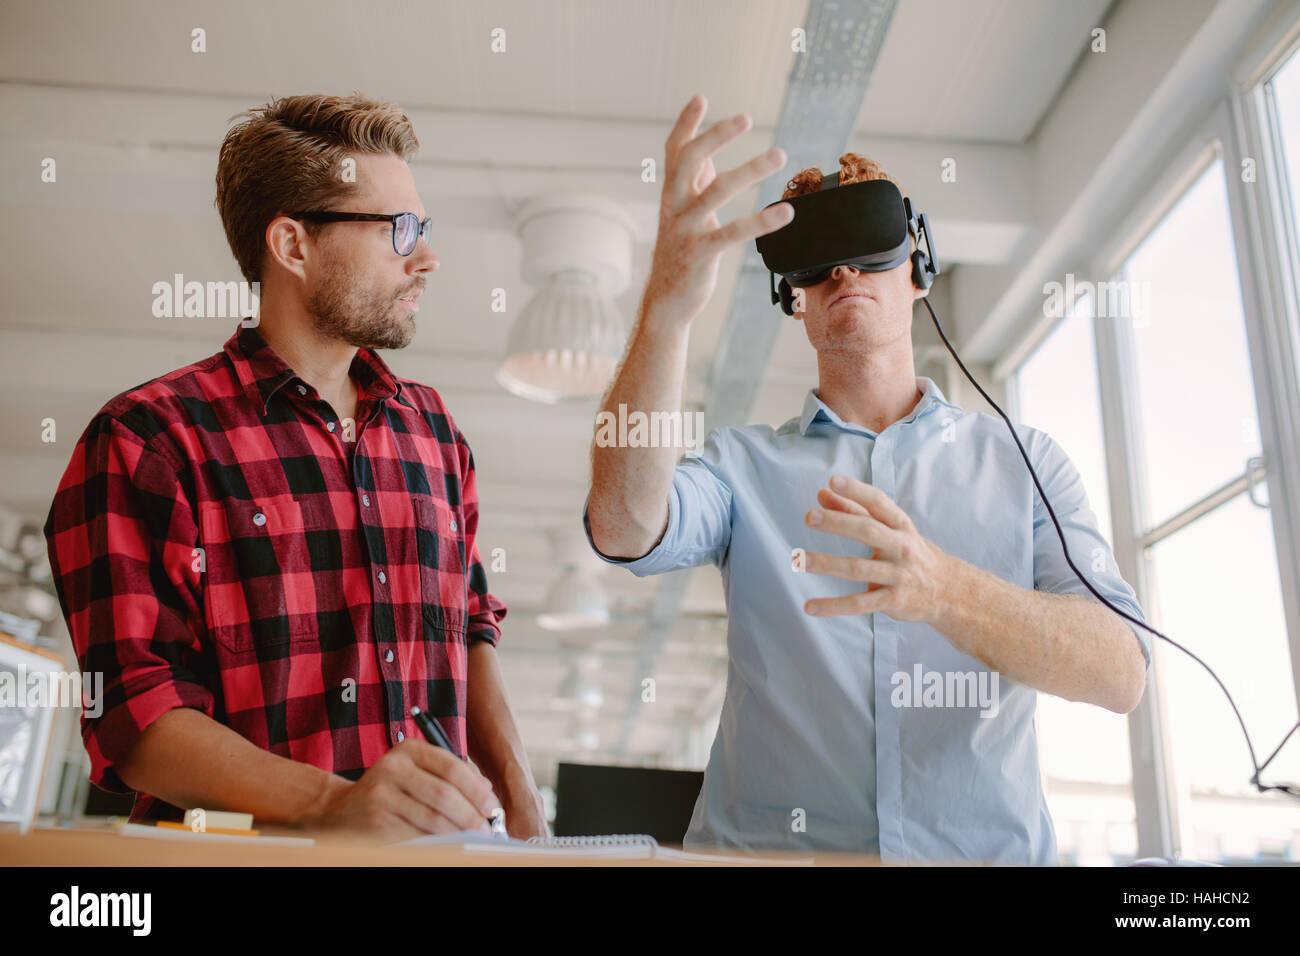 Foto de dos hombres jóvenes probando casco de realidad virtual. Los hombres de negocios y discutir las pruebas Imagen De Stock